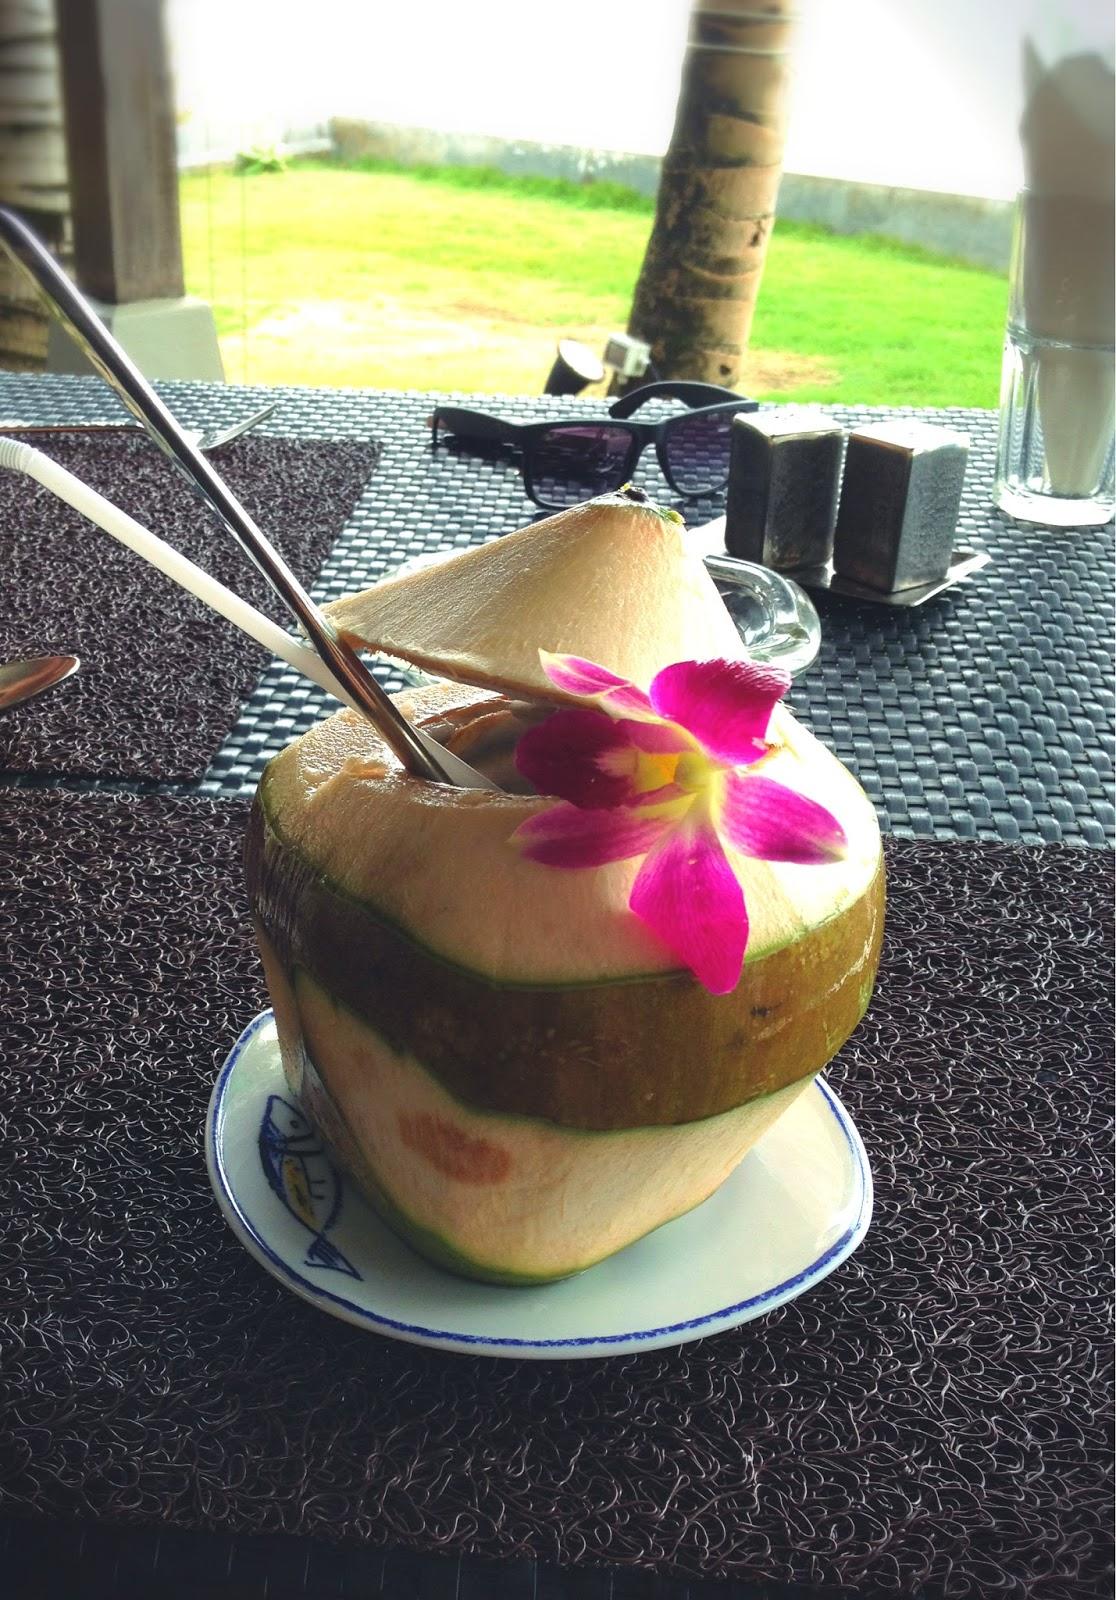 yiweilim, yi wei lim, yiwei lim, yi wei lim blogspot, khao lak, phuket, bang niang beach, bang niang, phangnga, chongfah resort, chongfah boutique hotel, chongfah khao lak, coconut, cocnut juice